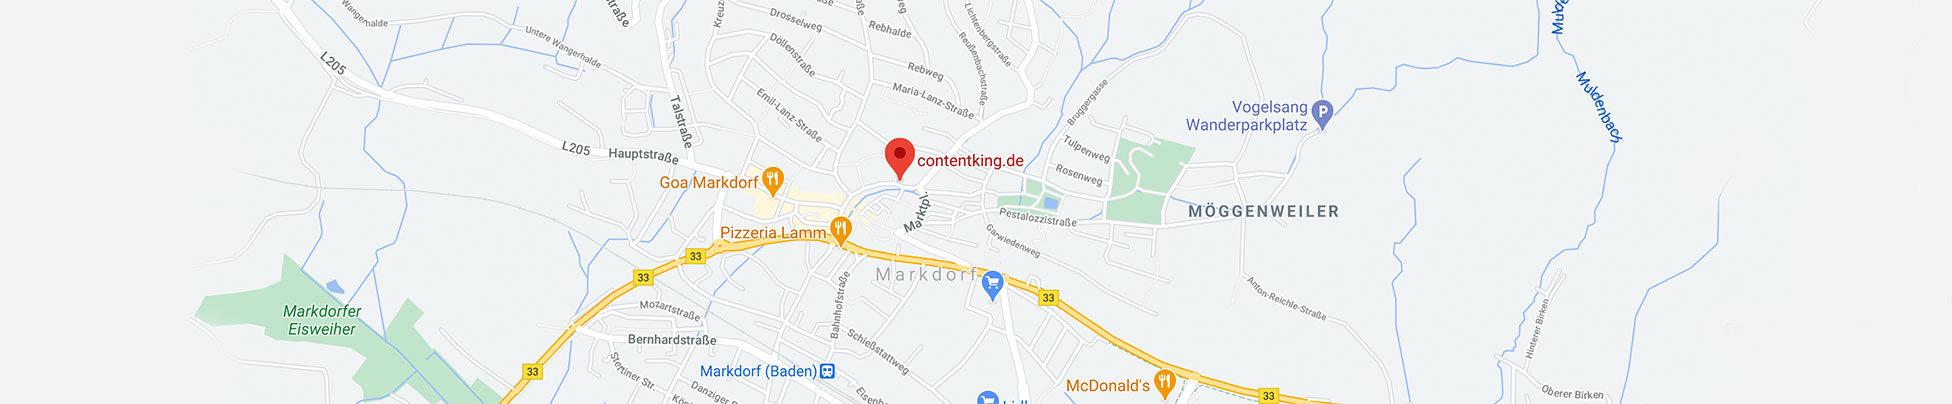 Content Marketing und SEO Agentur